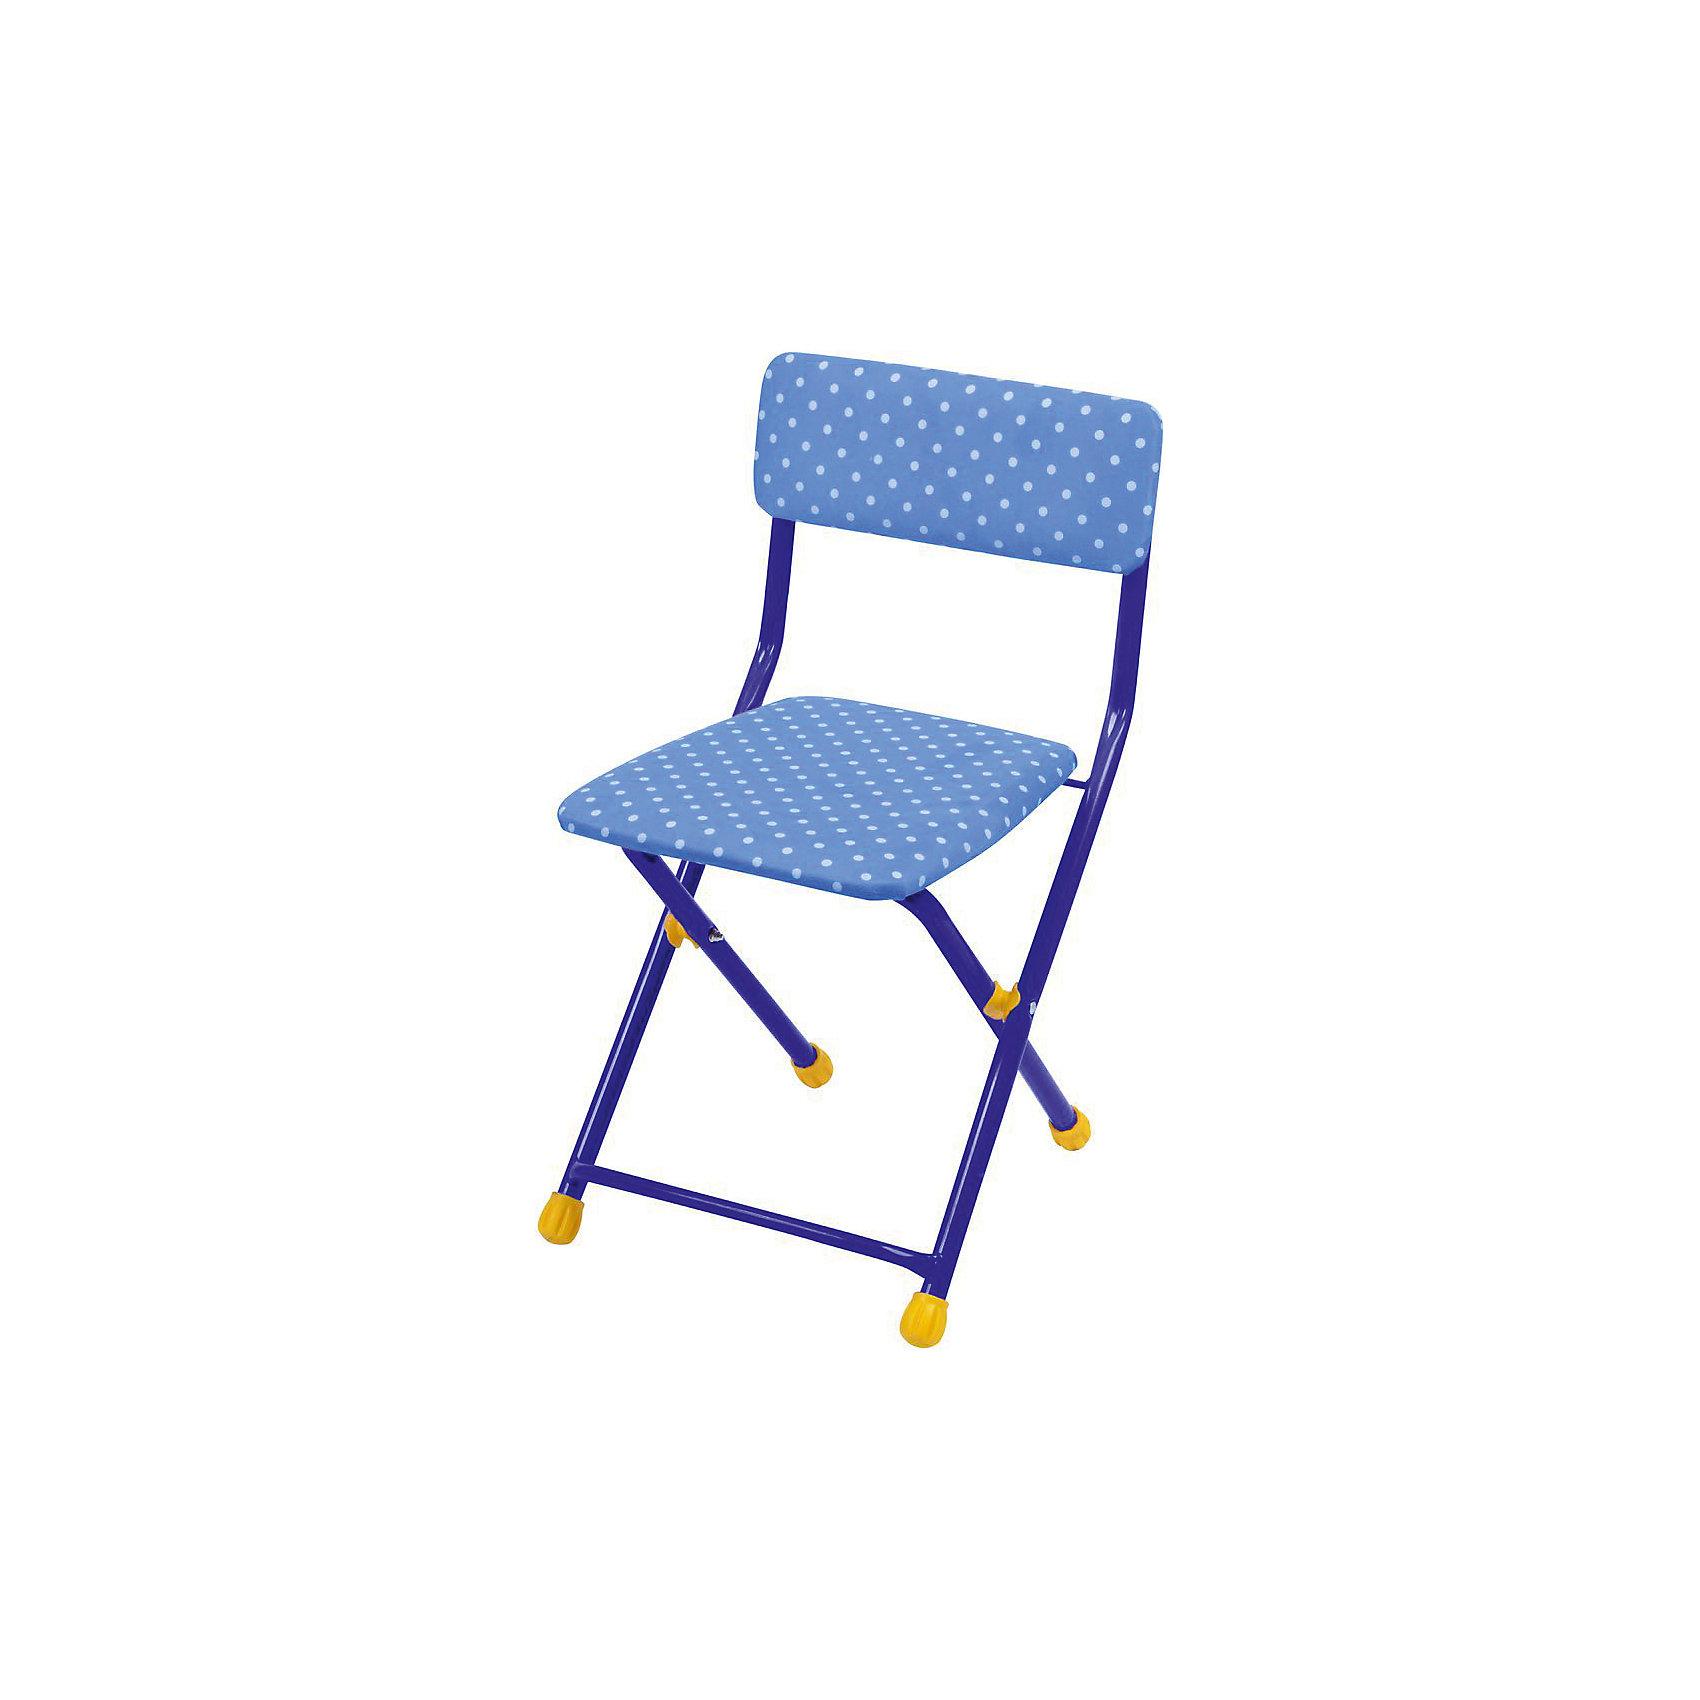 Ника Складной стул с мягким сиденьем